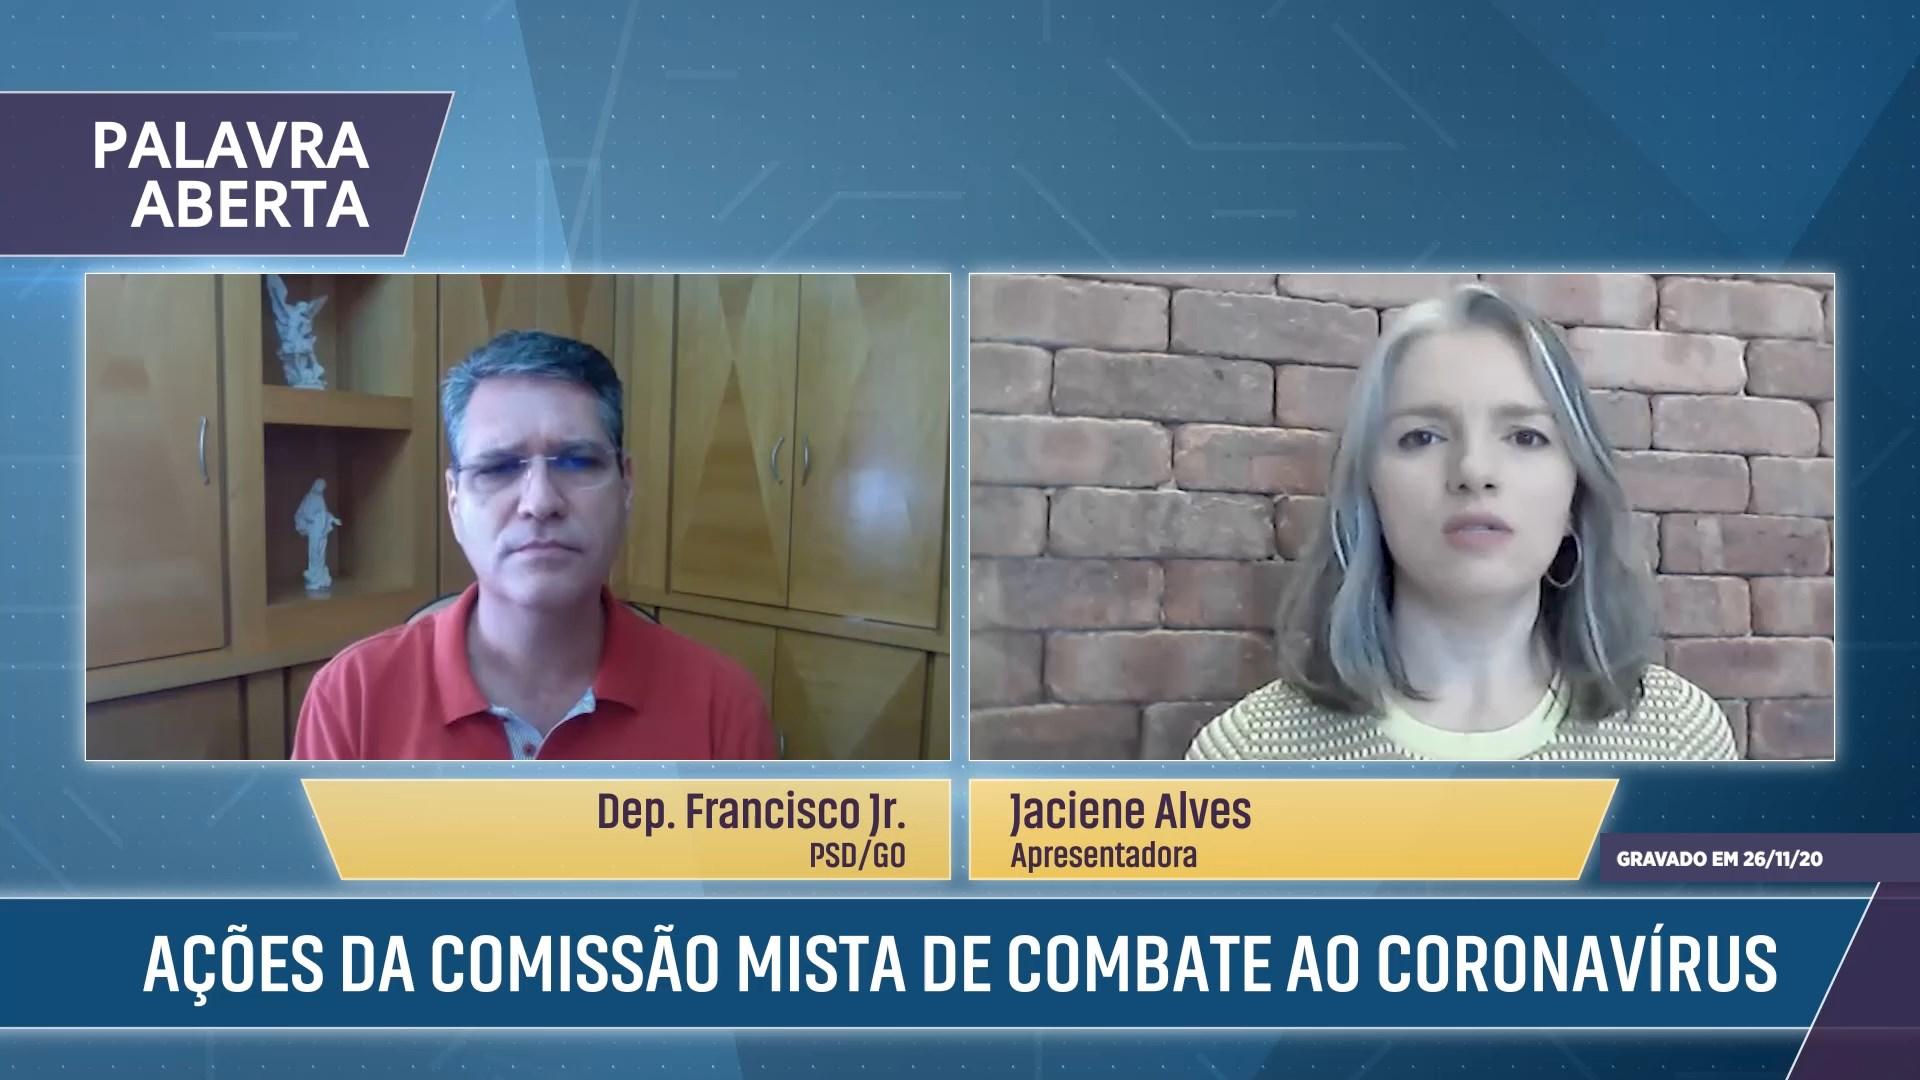 Ações da Comissão Mista de Combate ao Coronavírus